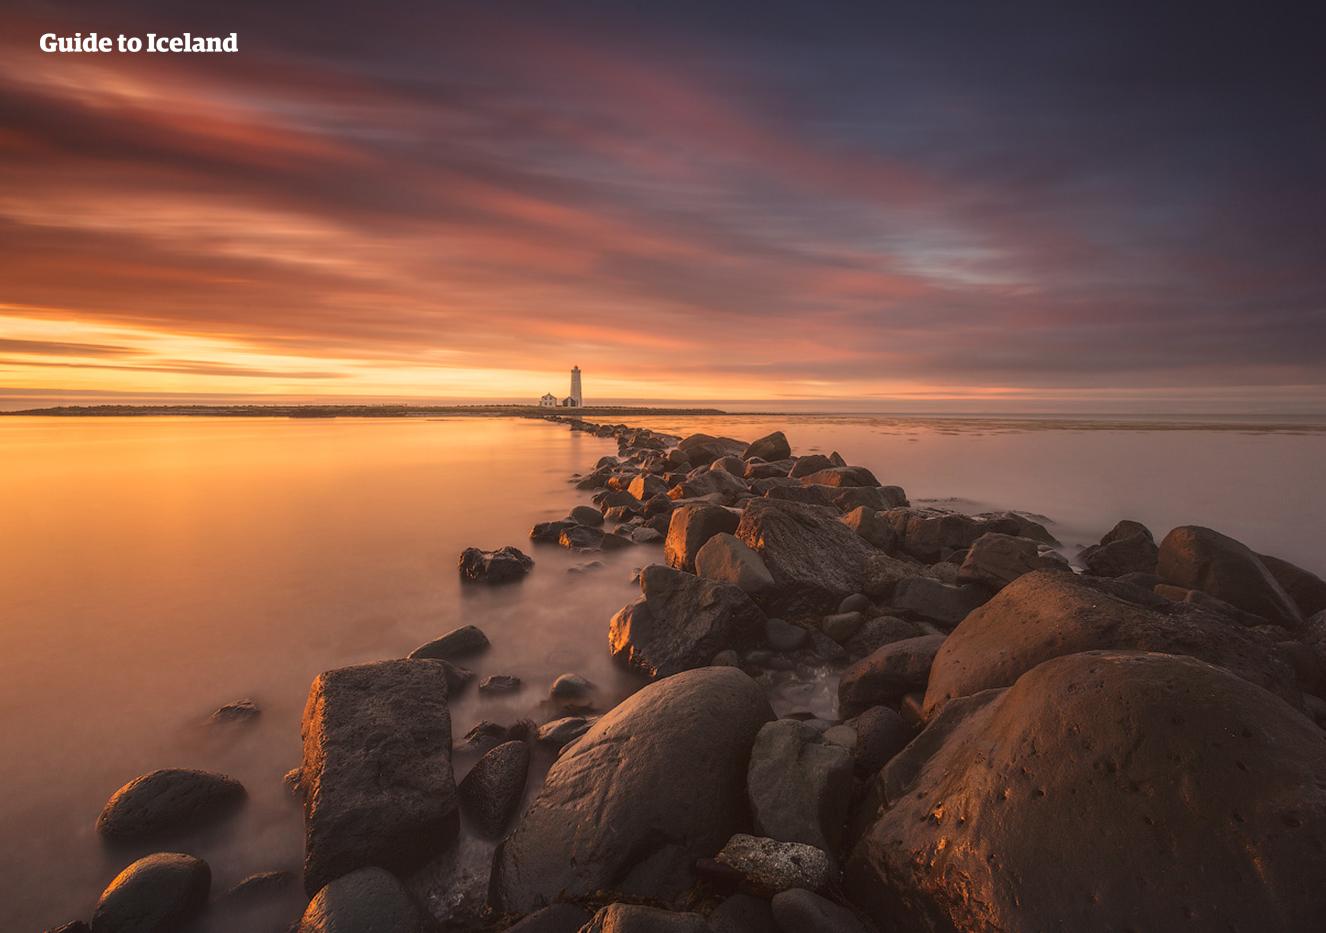 아이슬란드의 수도 레이캬비크의 그료타 해변에 내려앉은 석양의 아름다움